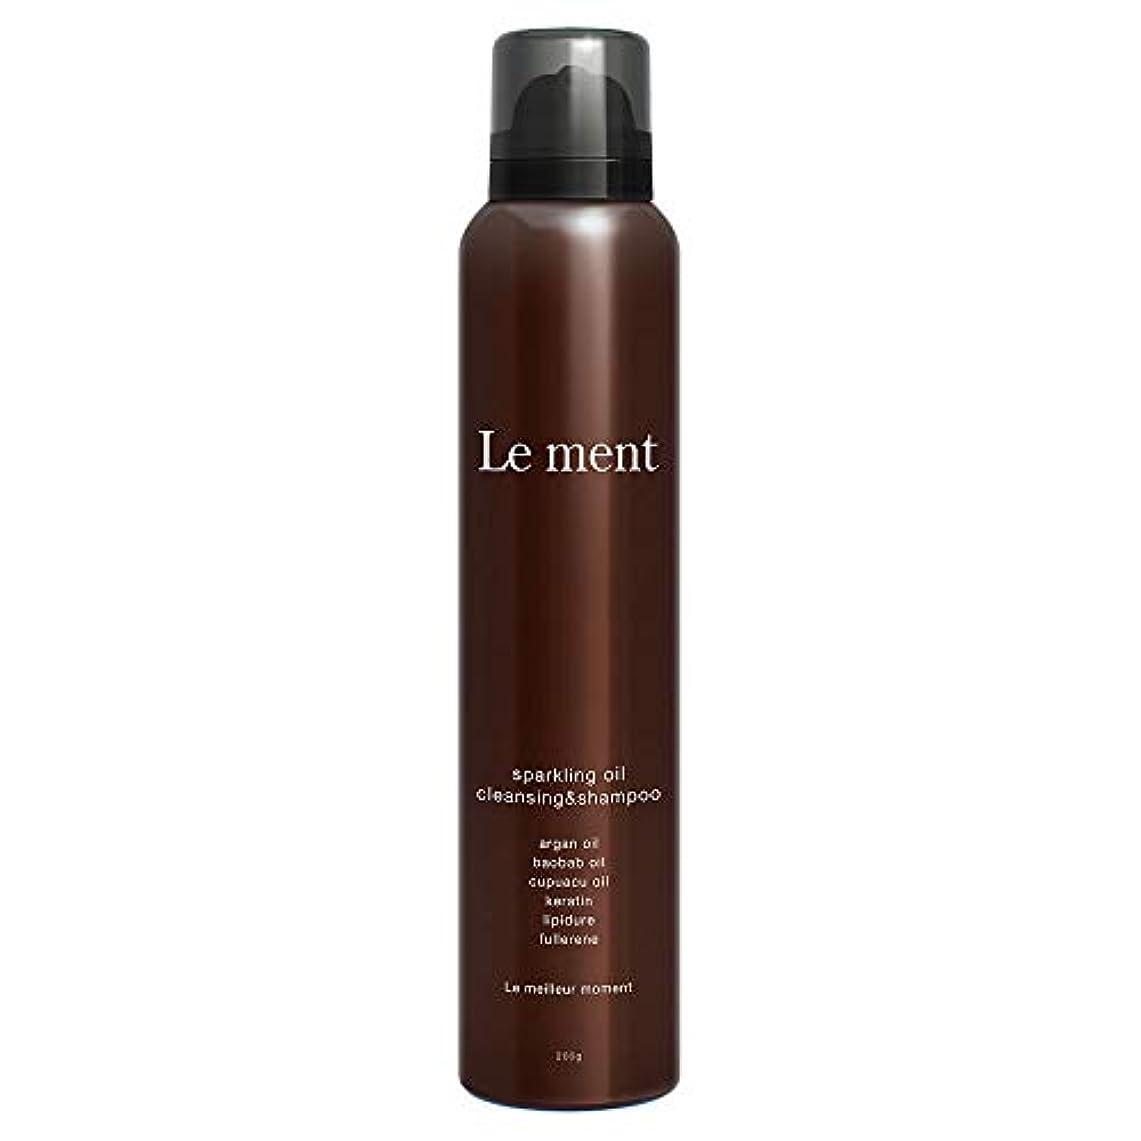 驚いた抗議彼Le ment -sparkling oil cleansing & shampoo -